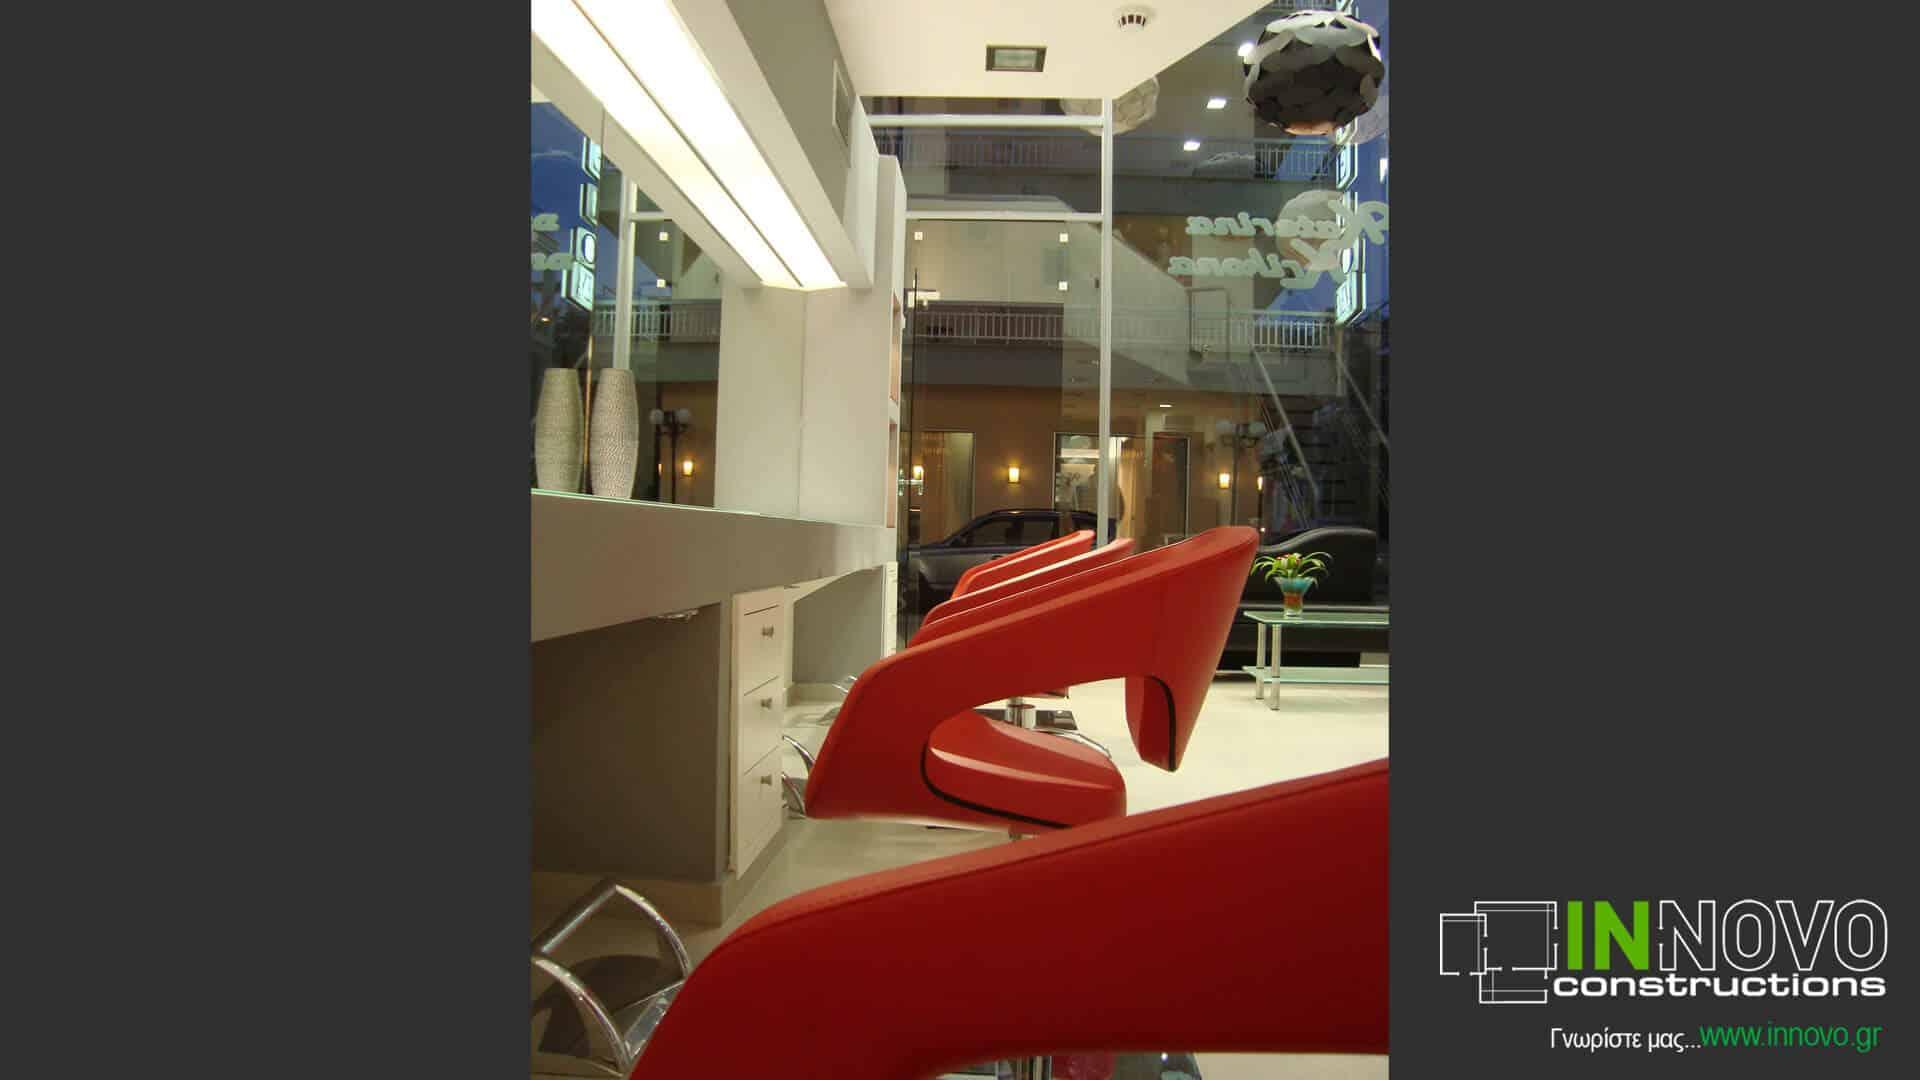 diakosmisi-kommotiriou-hairdressers-design-kommotirio-nafplio-1071-22